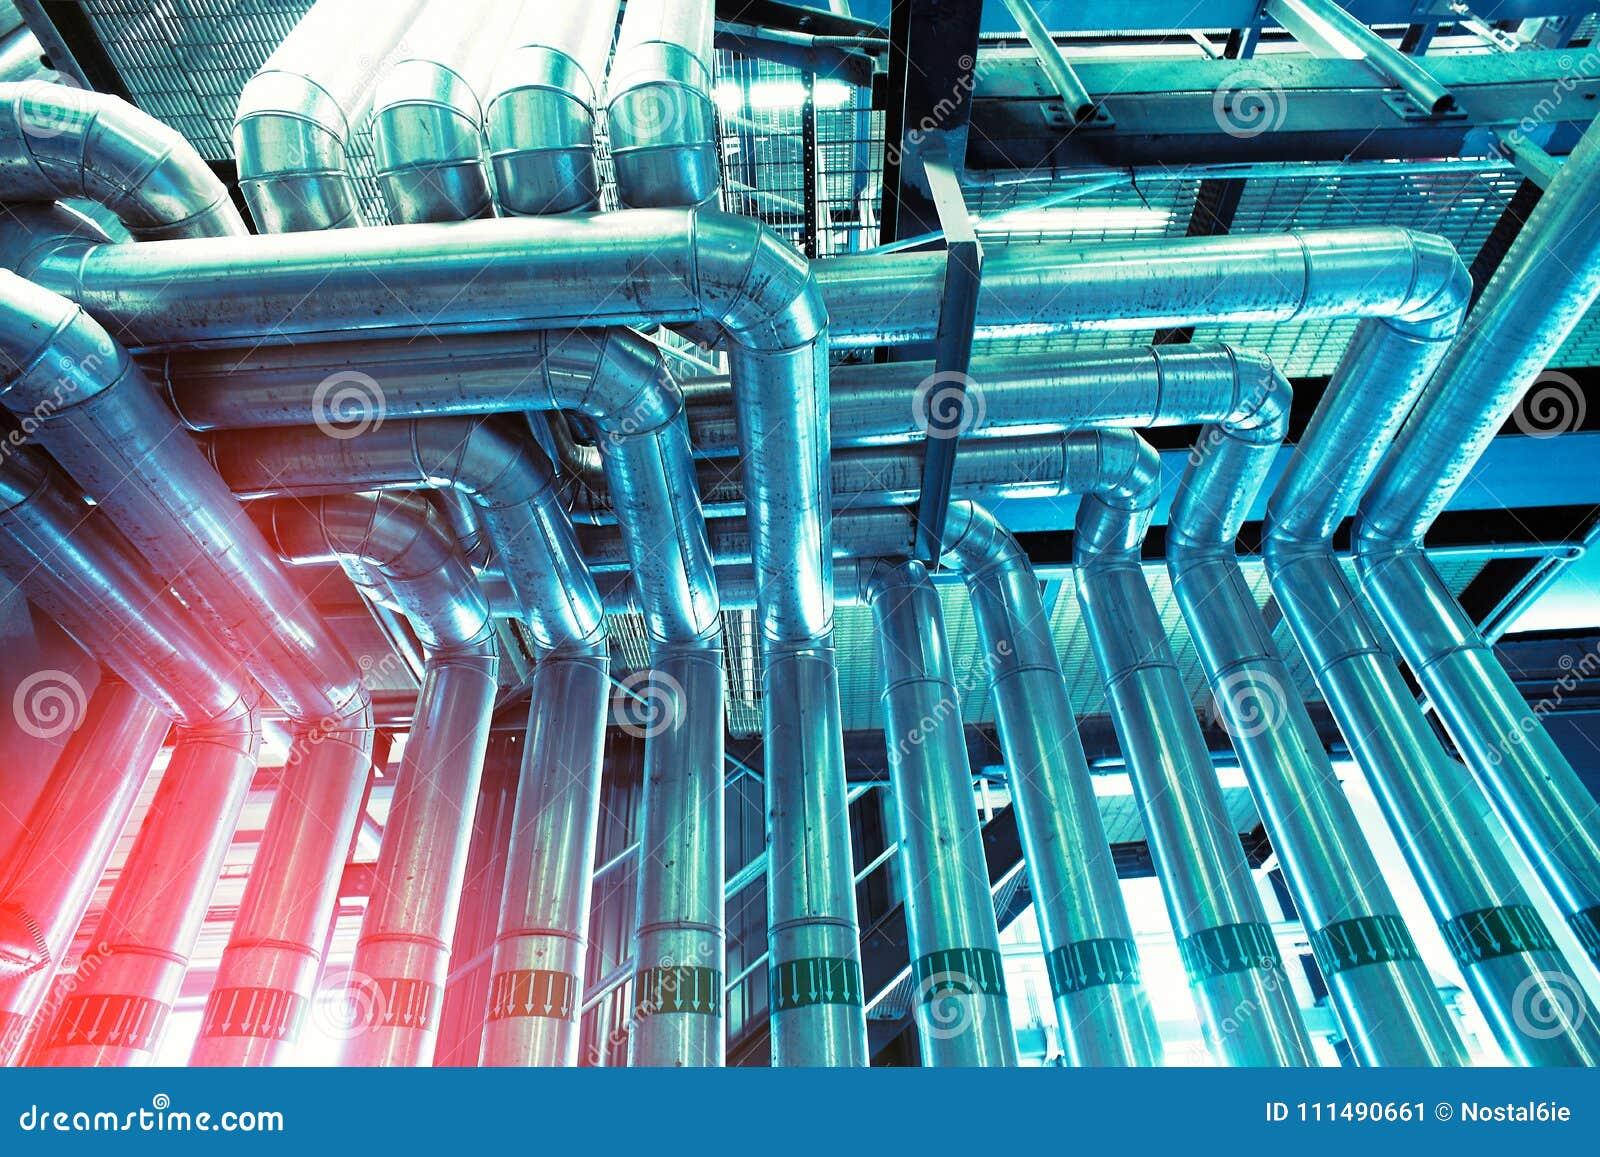 Бизнес план изоляция трубопроводов открытие фирм в офшорах